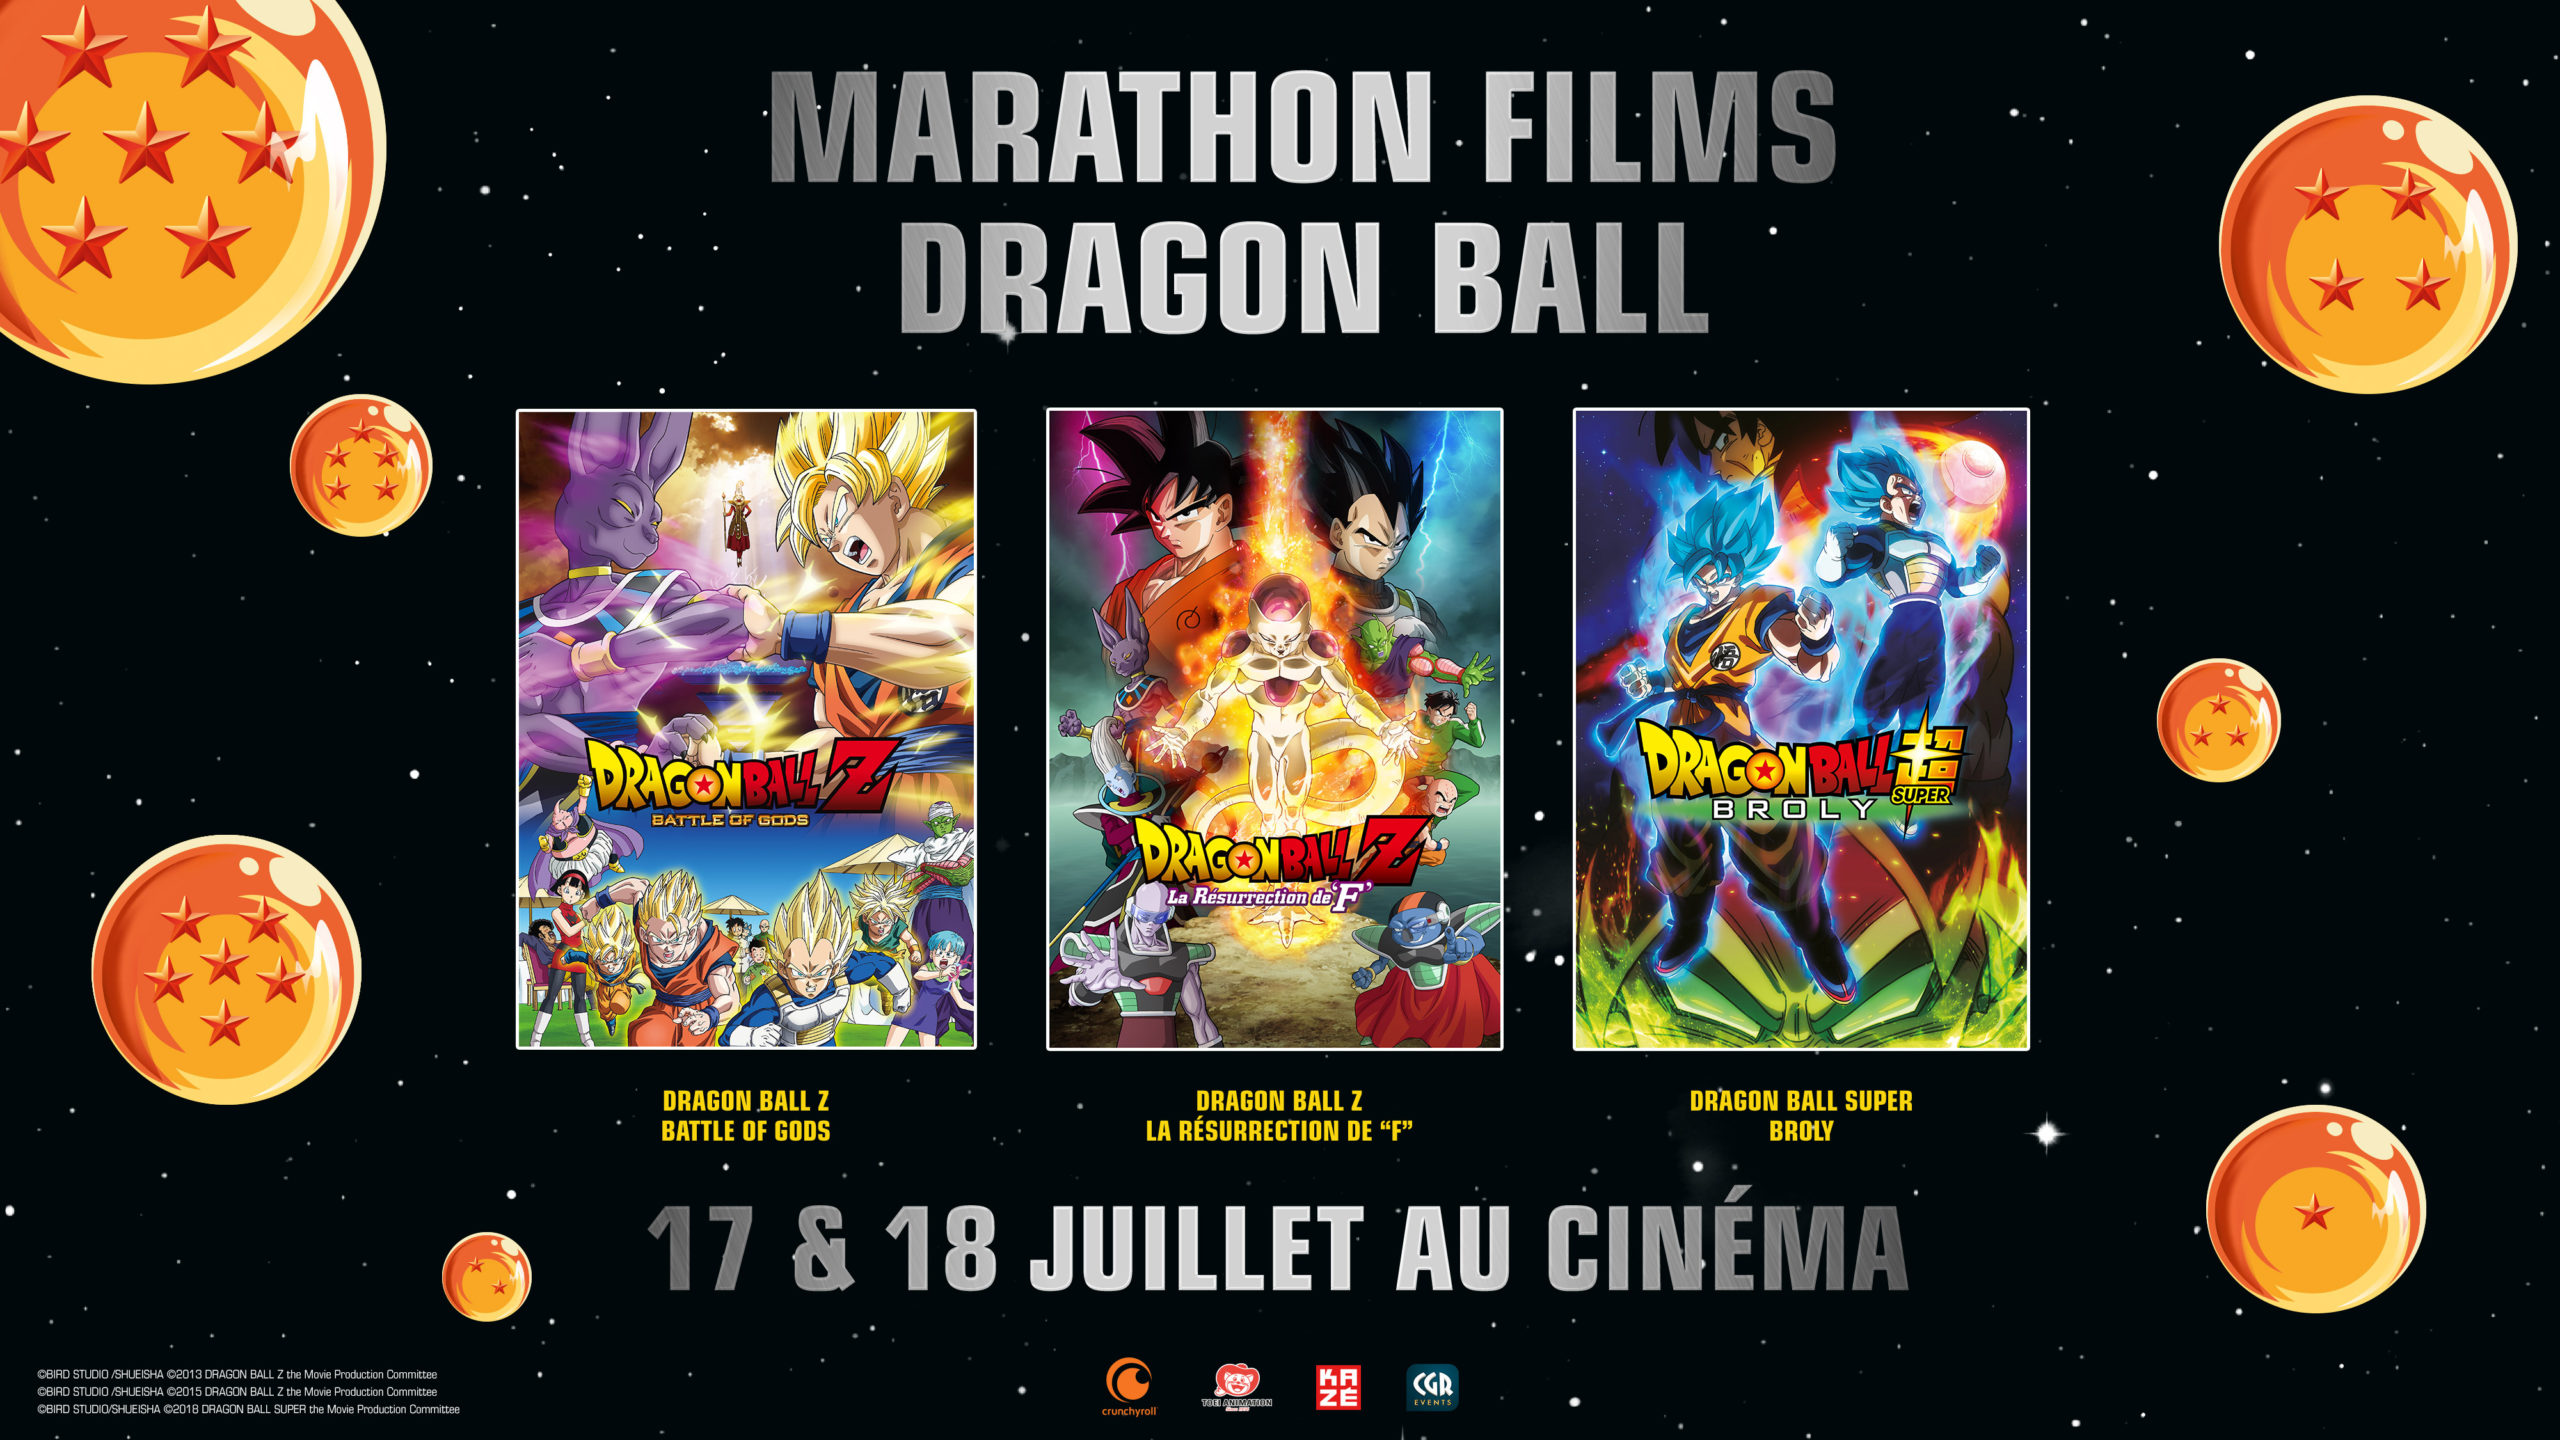 Du 17 au 18 juillet, participez au Marathon Dragon Ball Z !